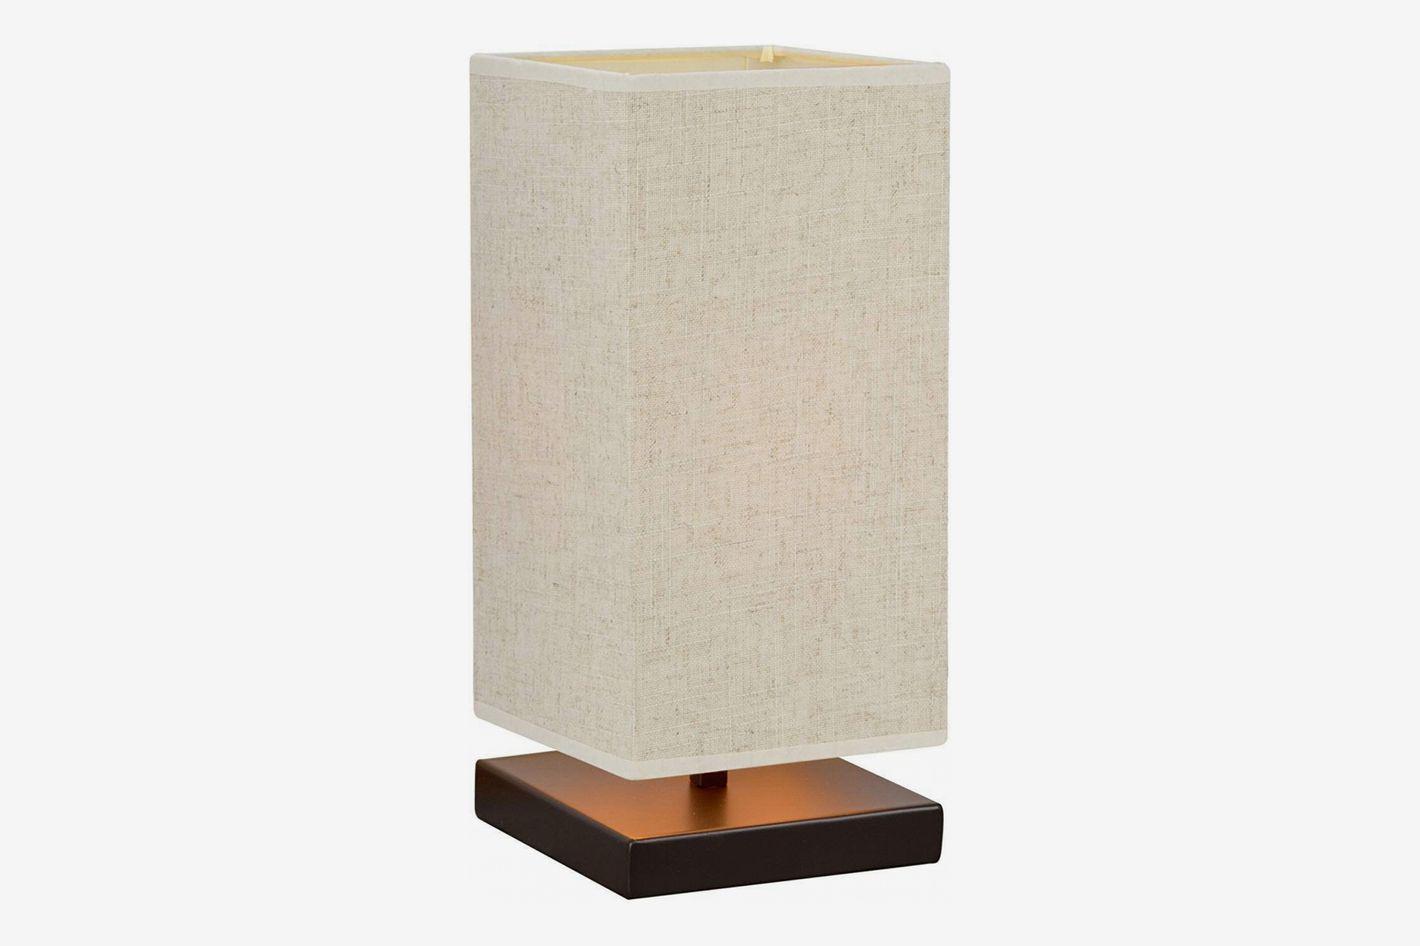 Kira Home Lucerna 13 Touch Bedside Lamp